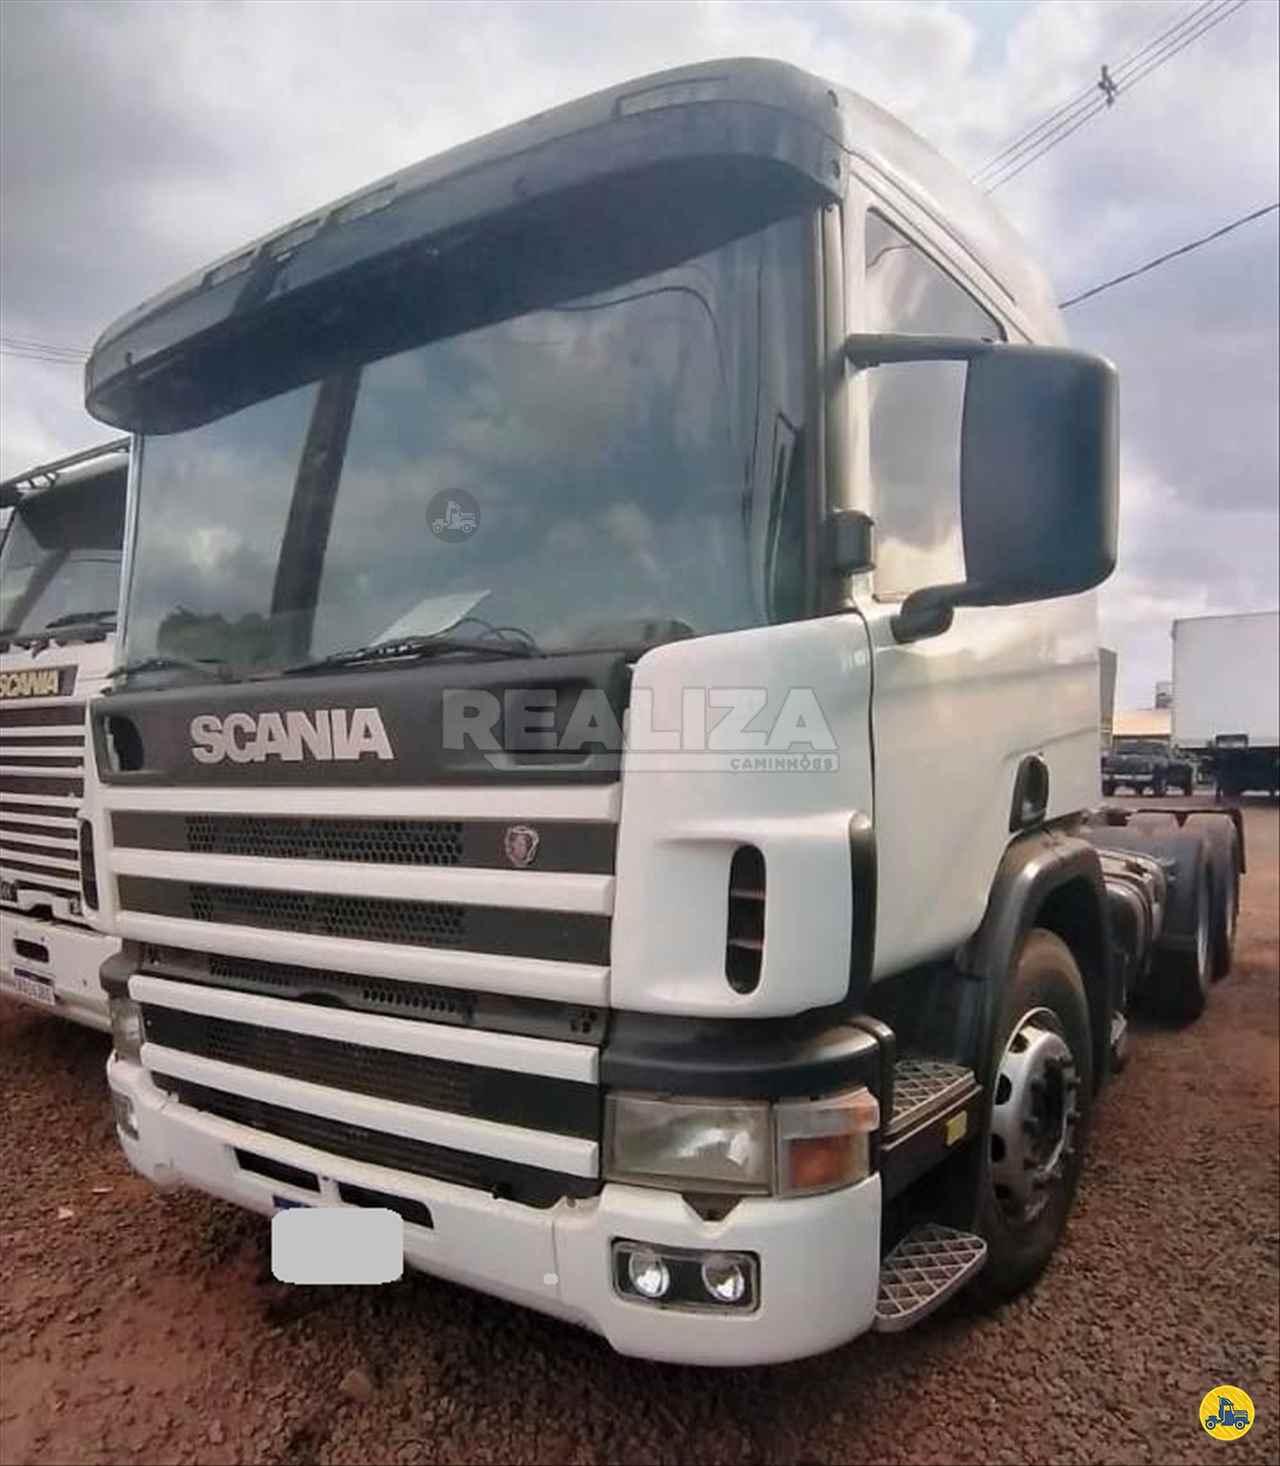 CAMINHAO SCANIA SCANIA P360 Cavalo Mecânico Truck 6x2 Realiza Caminhões - Umuarama UMUARAMA PARANÁ PR